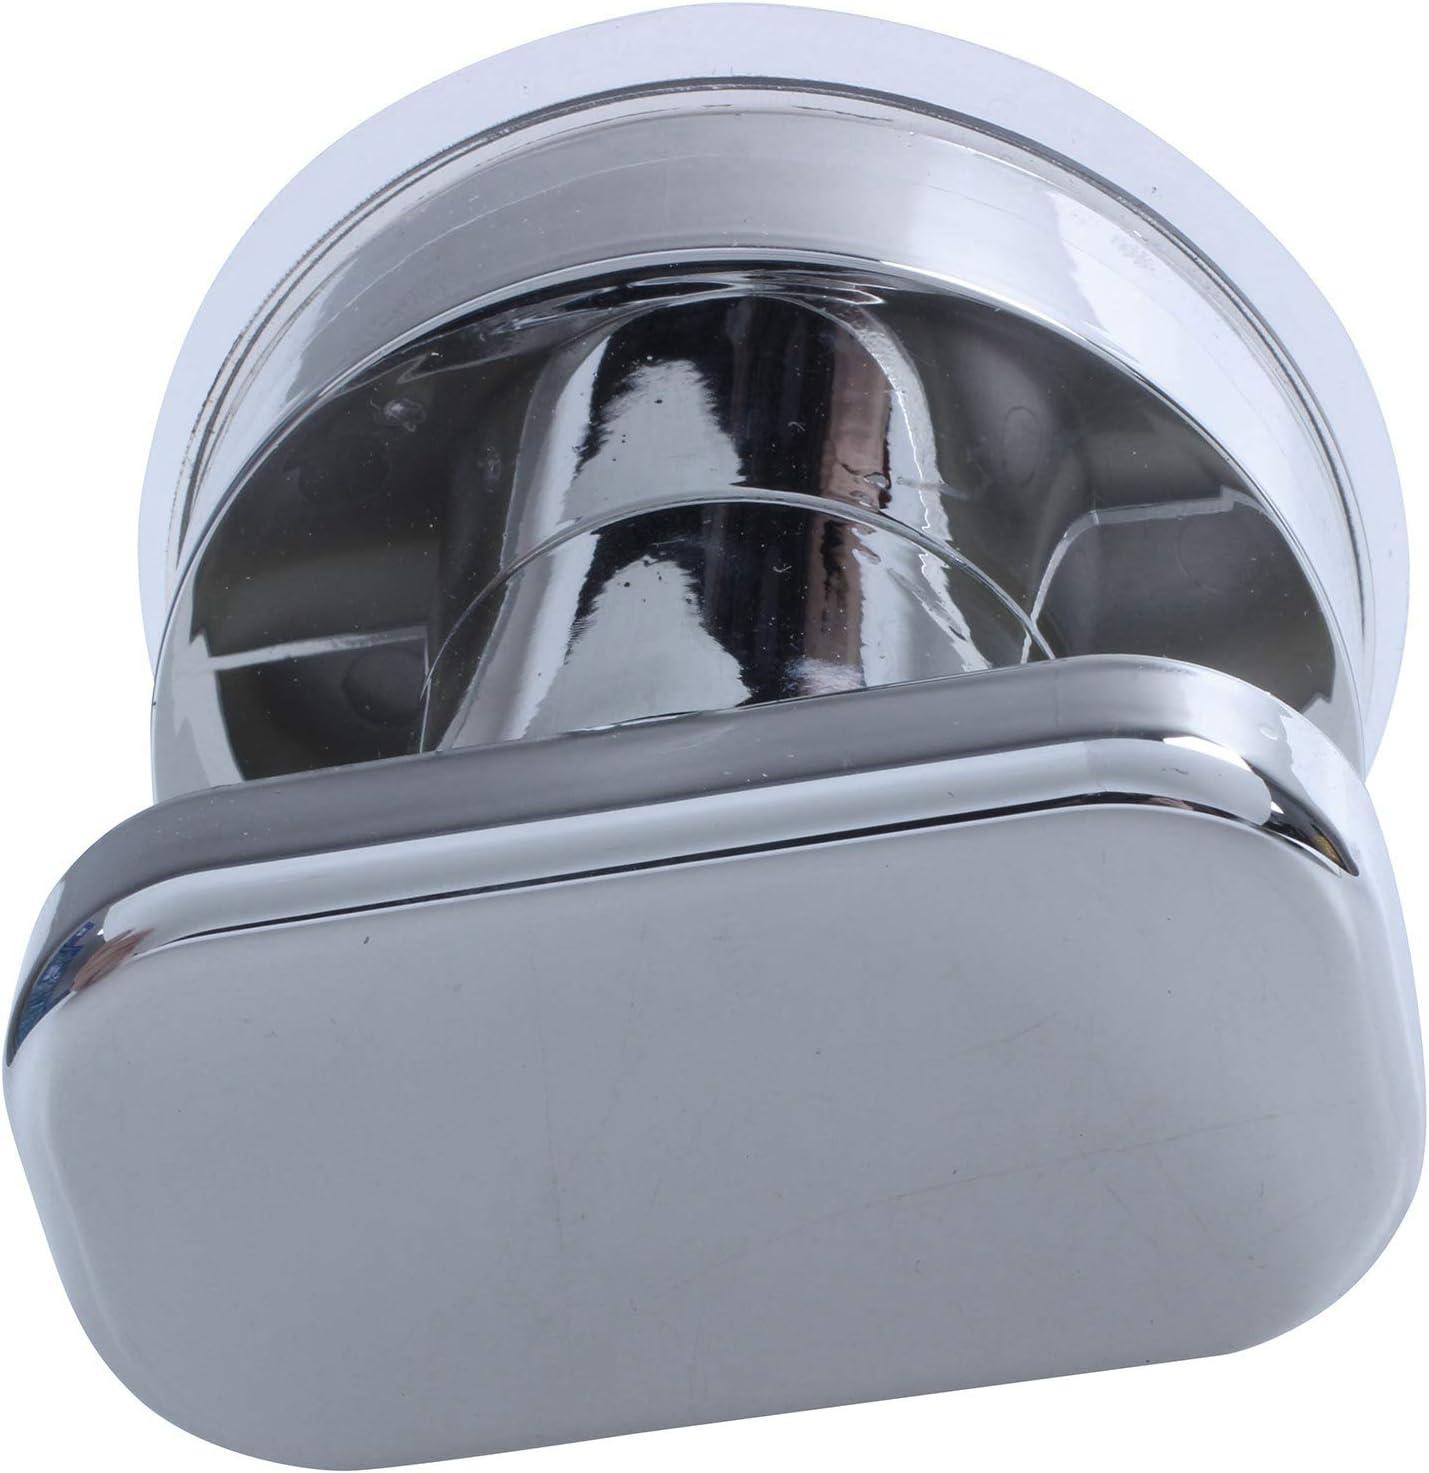 REFURBISHHOUSE Manija de Ventosa de Tirador del refrigerador del cajon Tirador del bano de Montaje en pared Tirador Sin tornillos Hardware de muebles